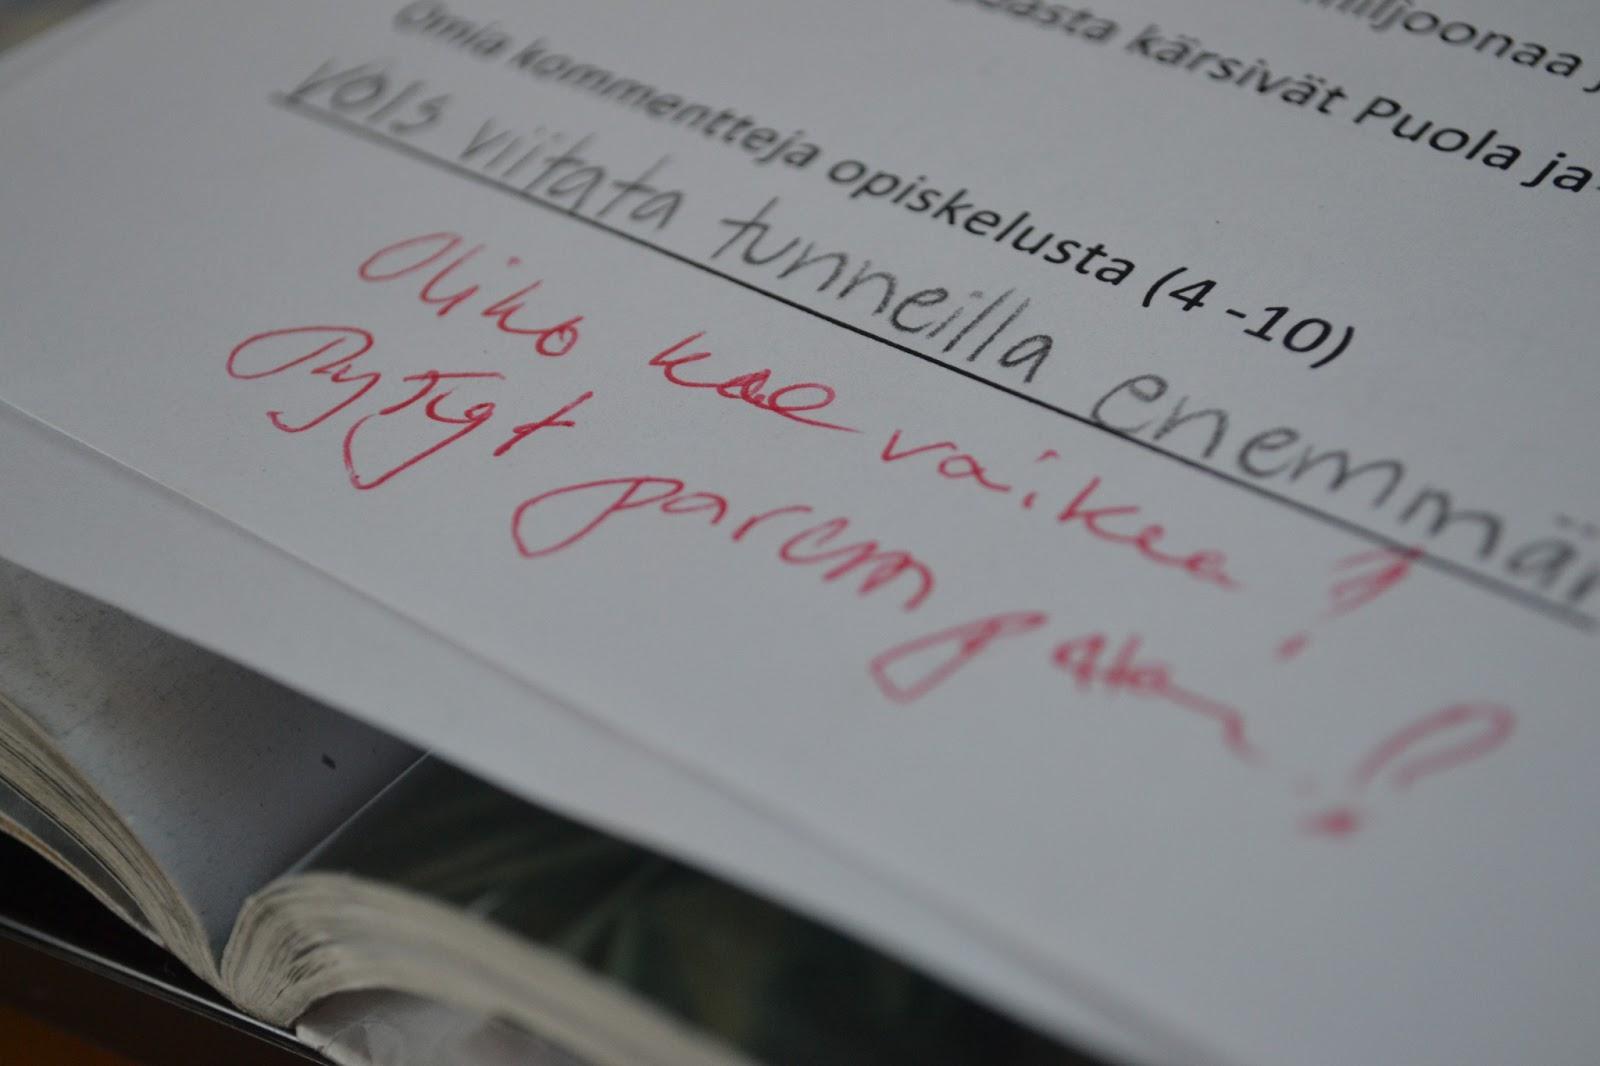 tanja oona blogi Savonlinna